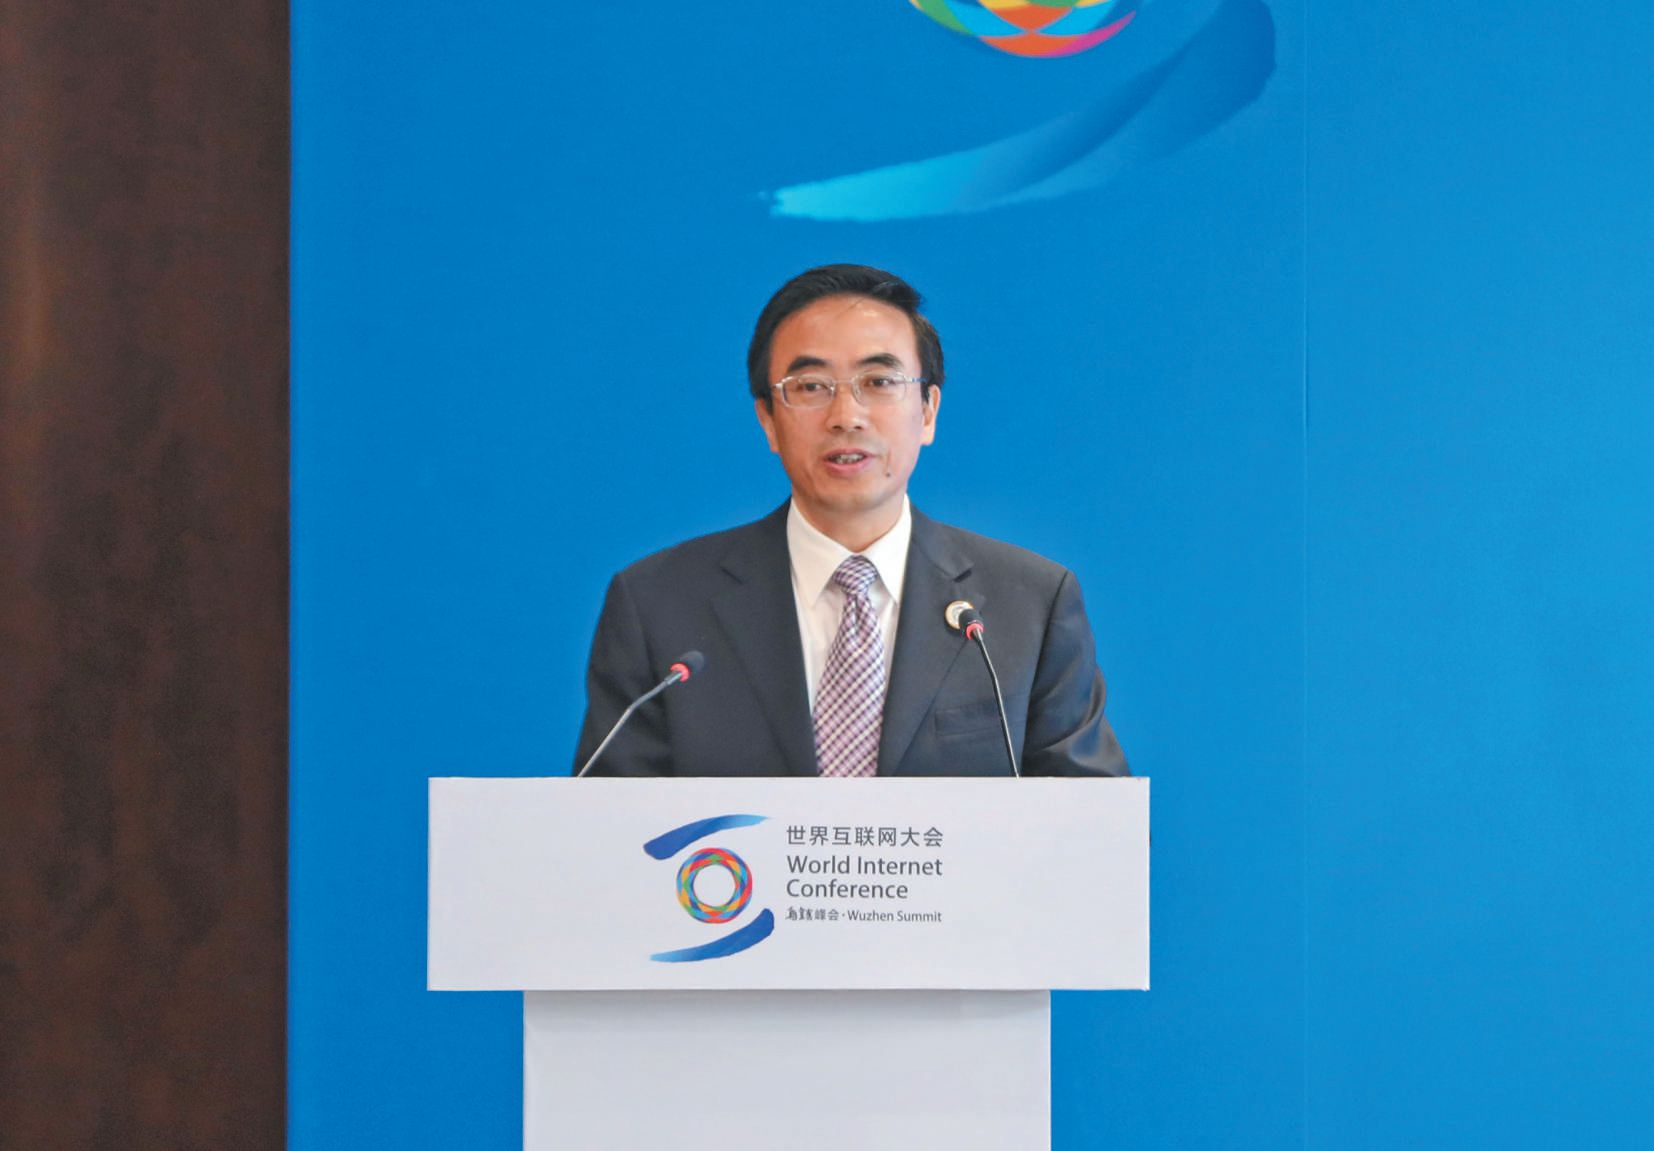 中国残疾人联合会副理事长程凯